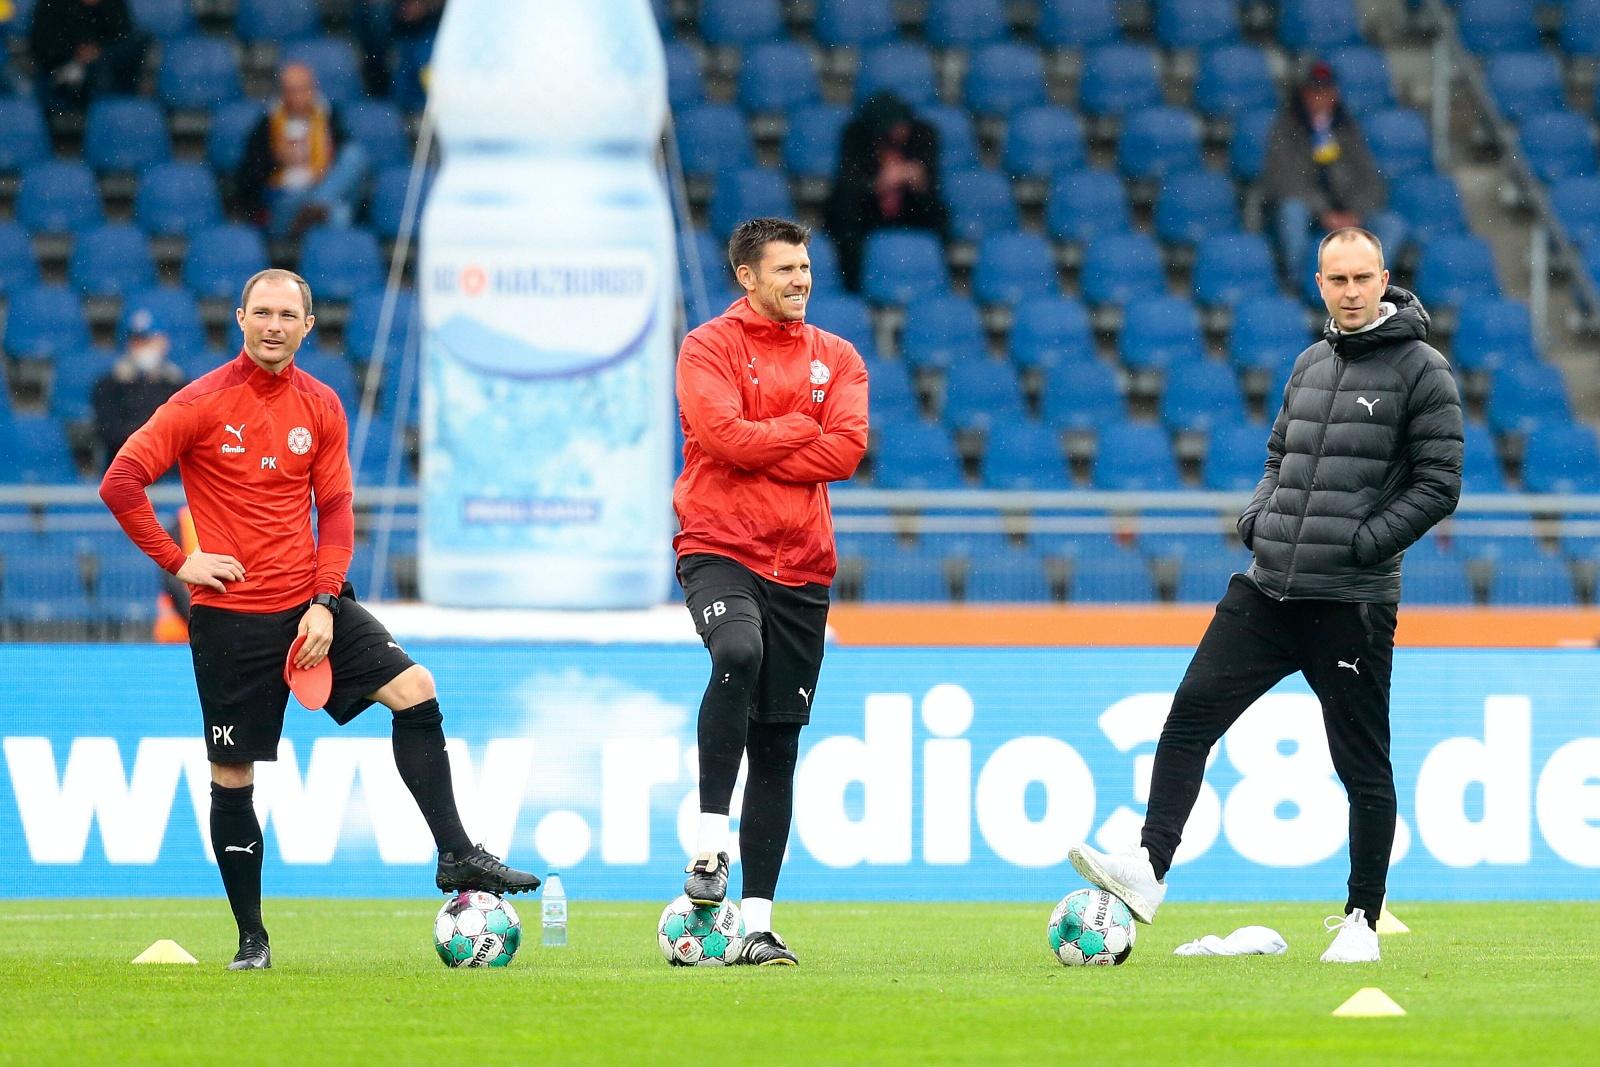 Patrick Kohlmann, Fabian Boll und Ole Werner bei Holstein Kiel